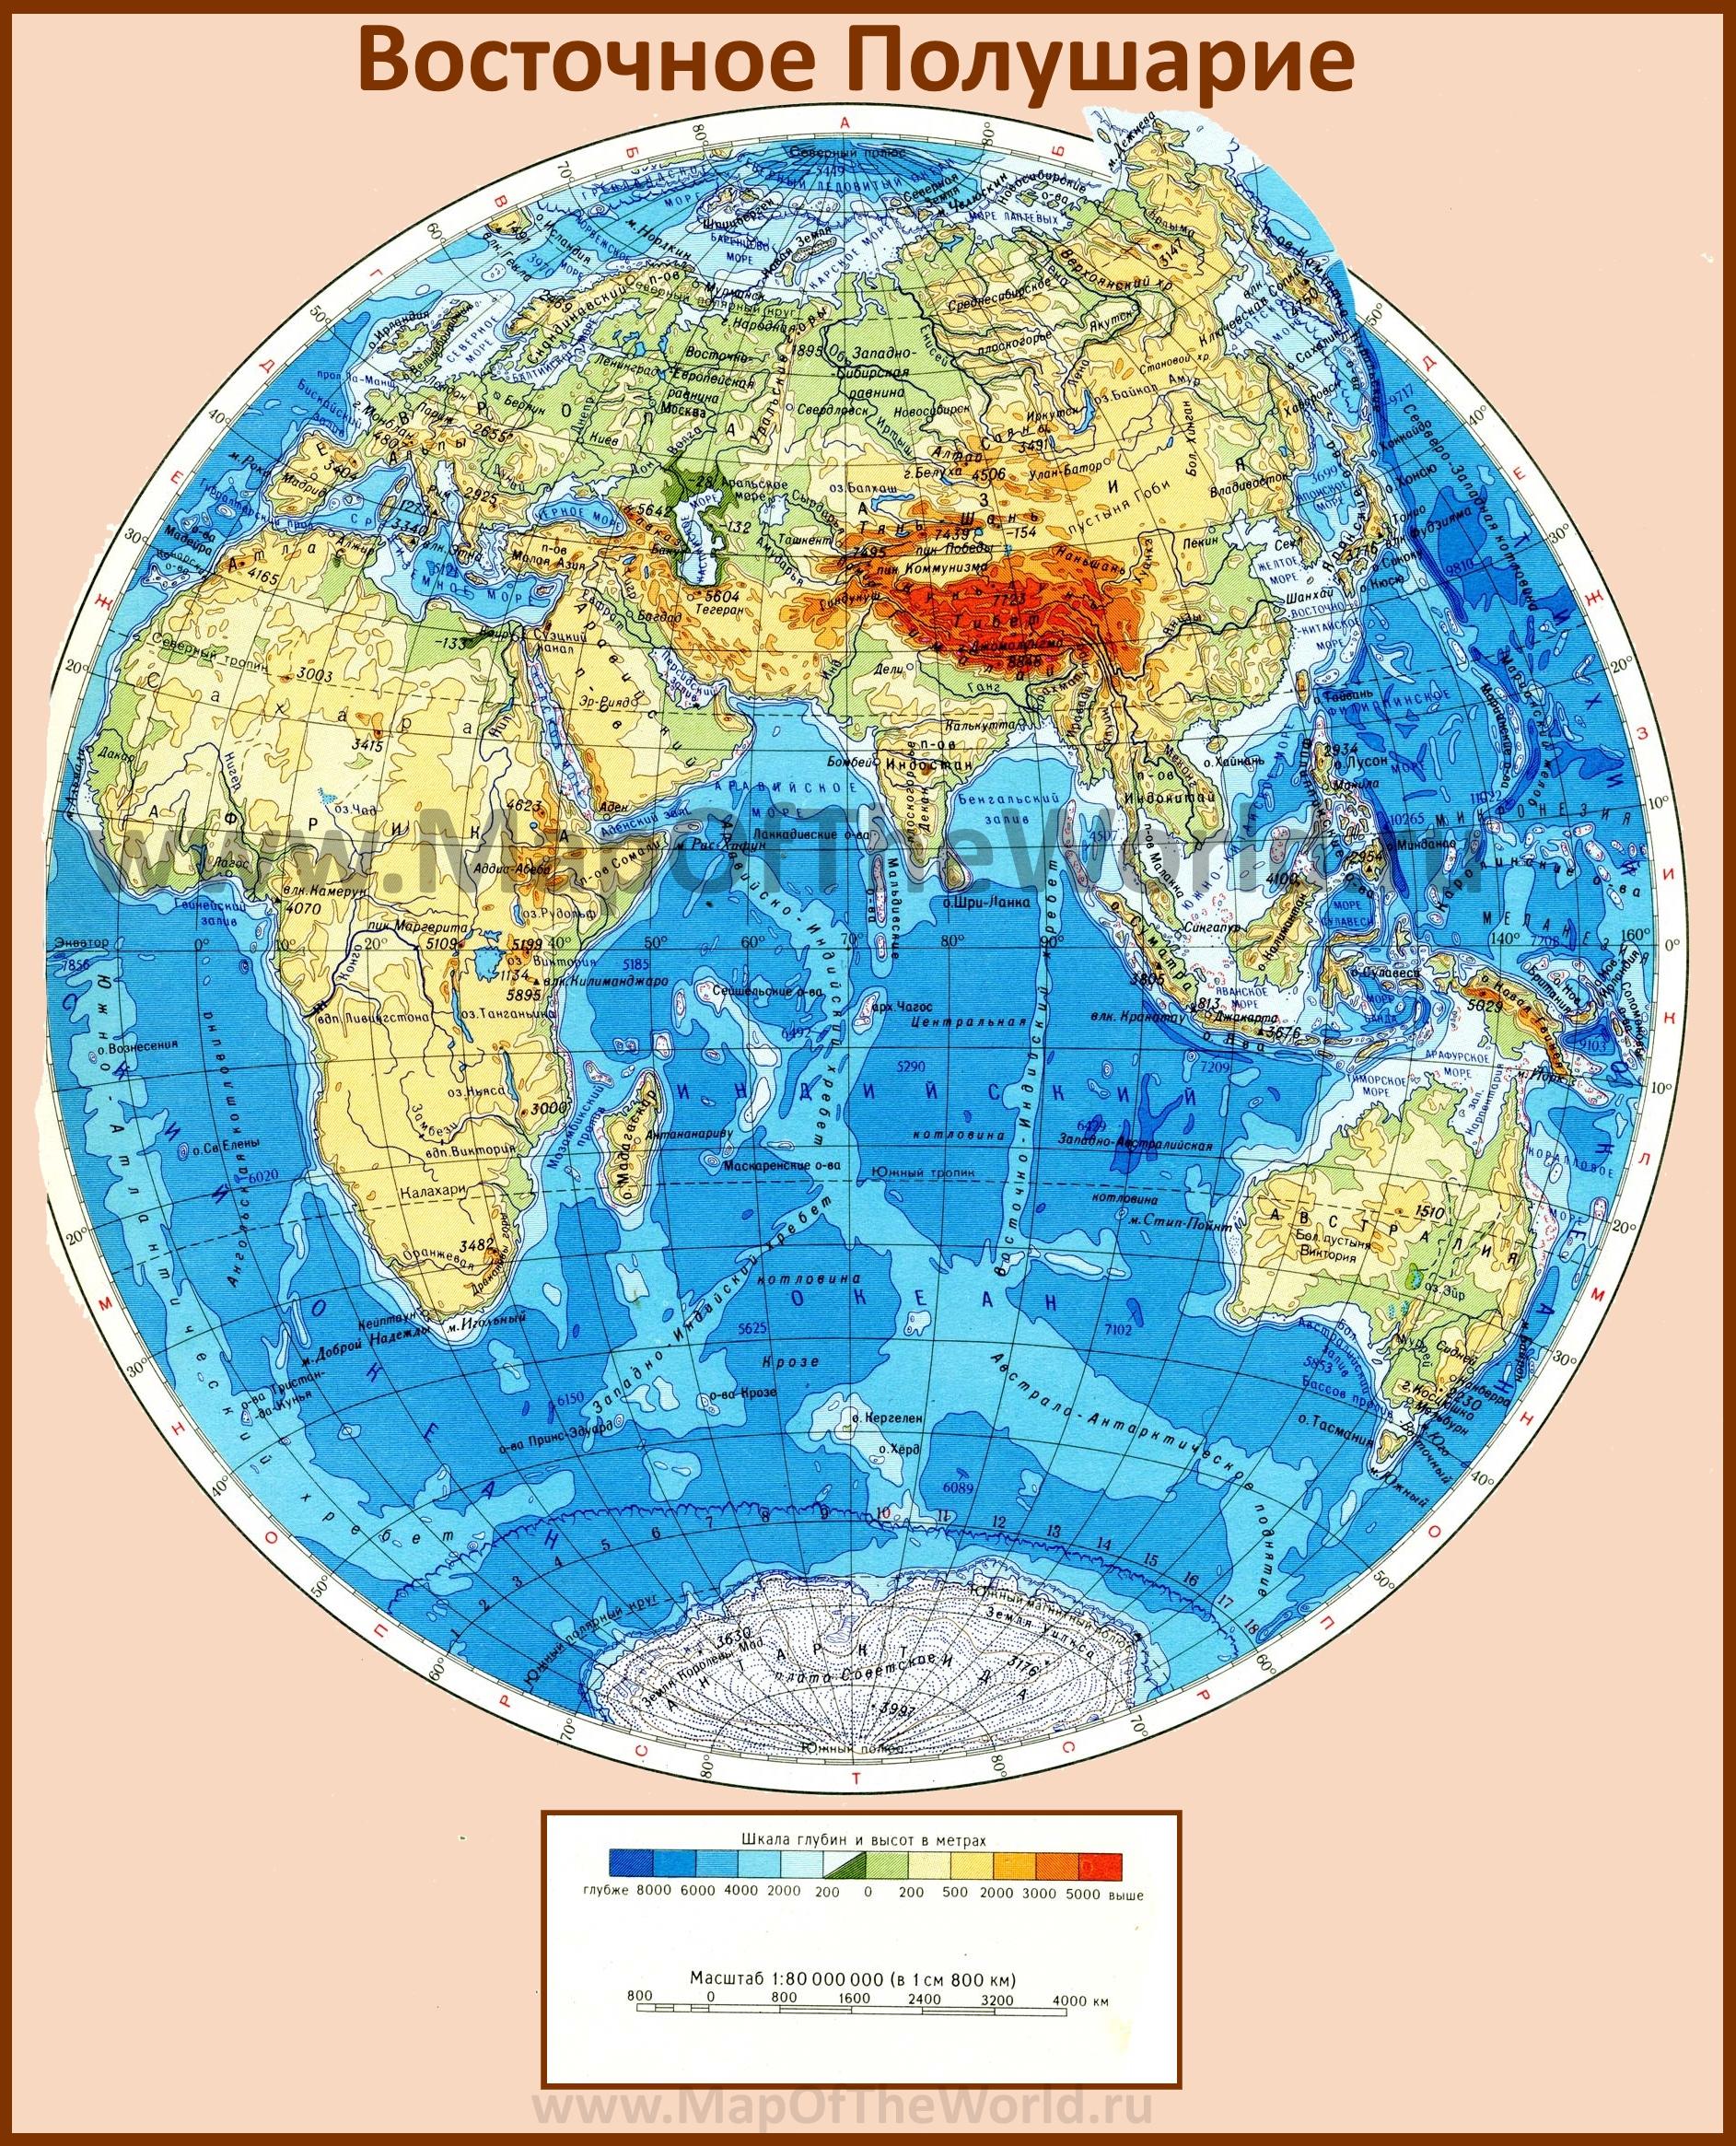 контурная карта полушарий распечатать а4